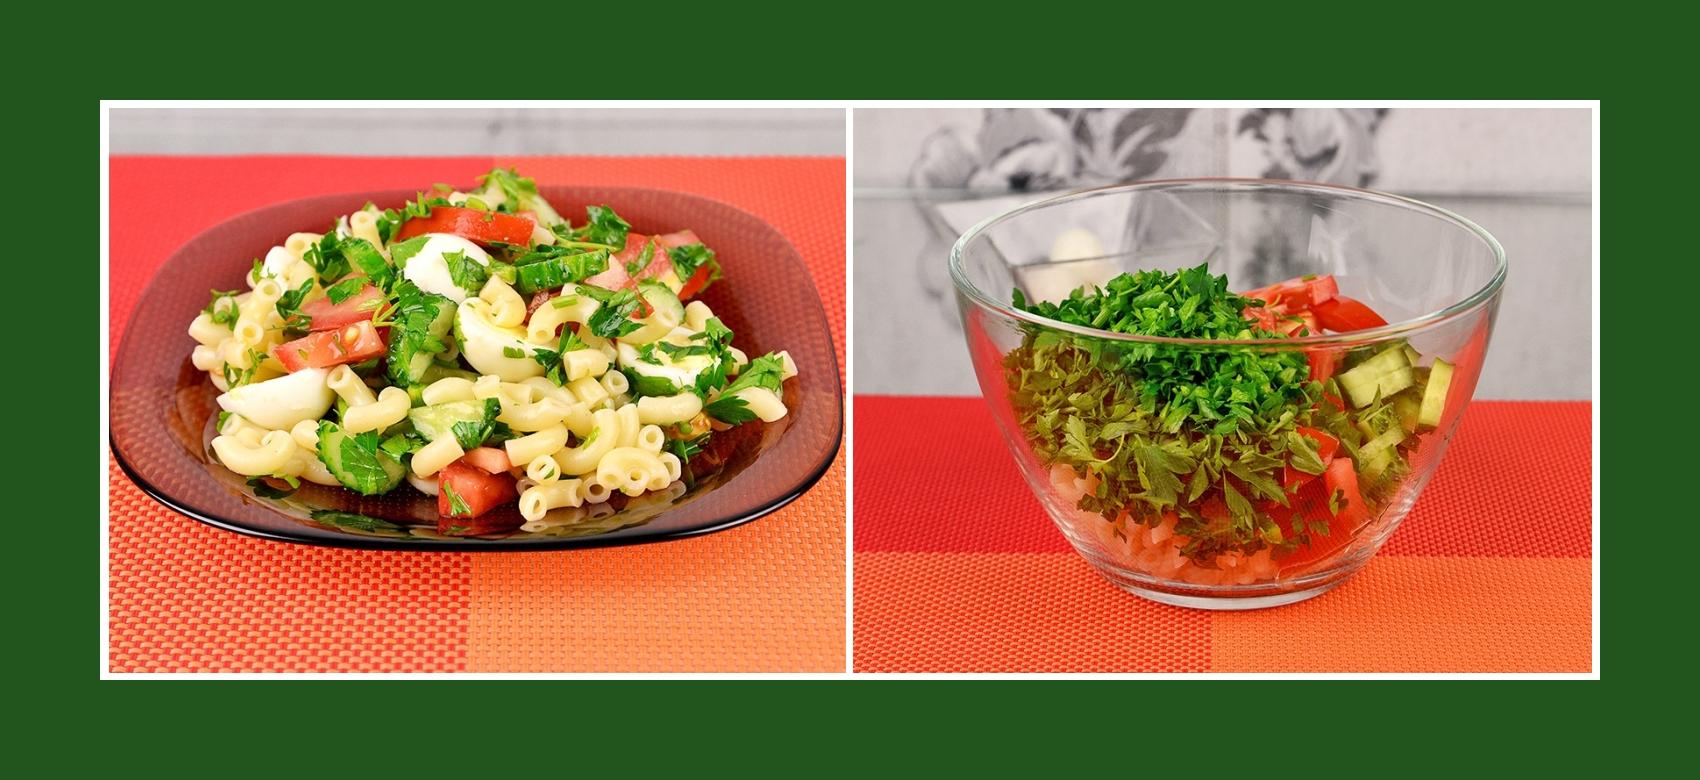 Salat mit Nudeln, frischen Tomaten, Gurken und Petersilie